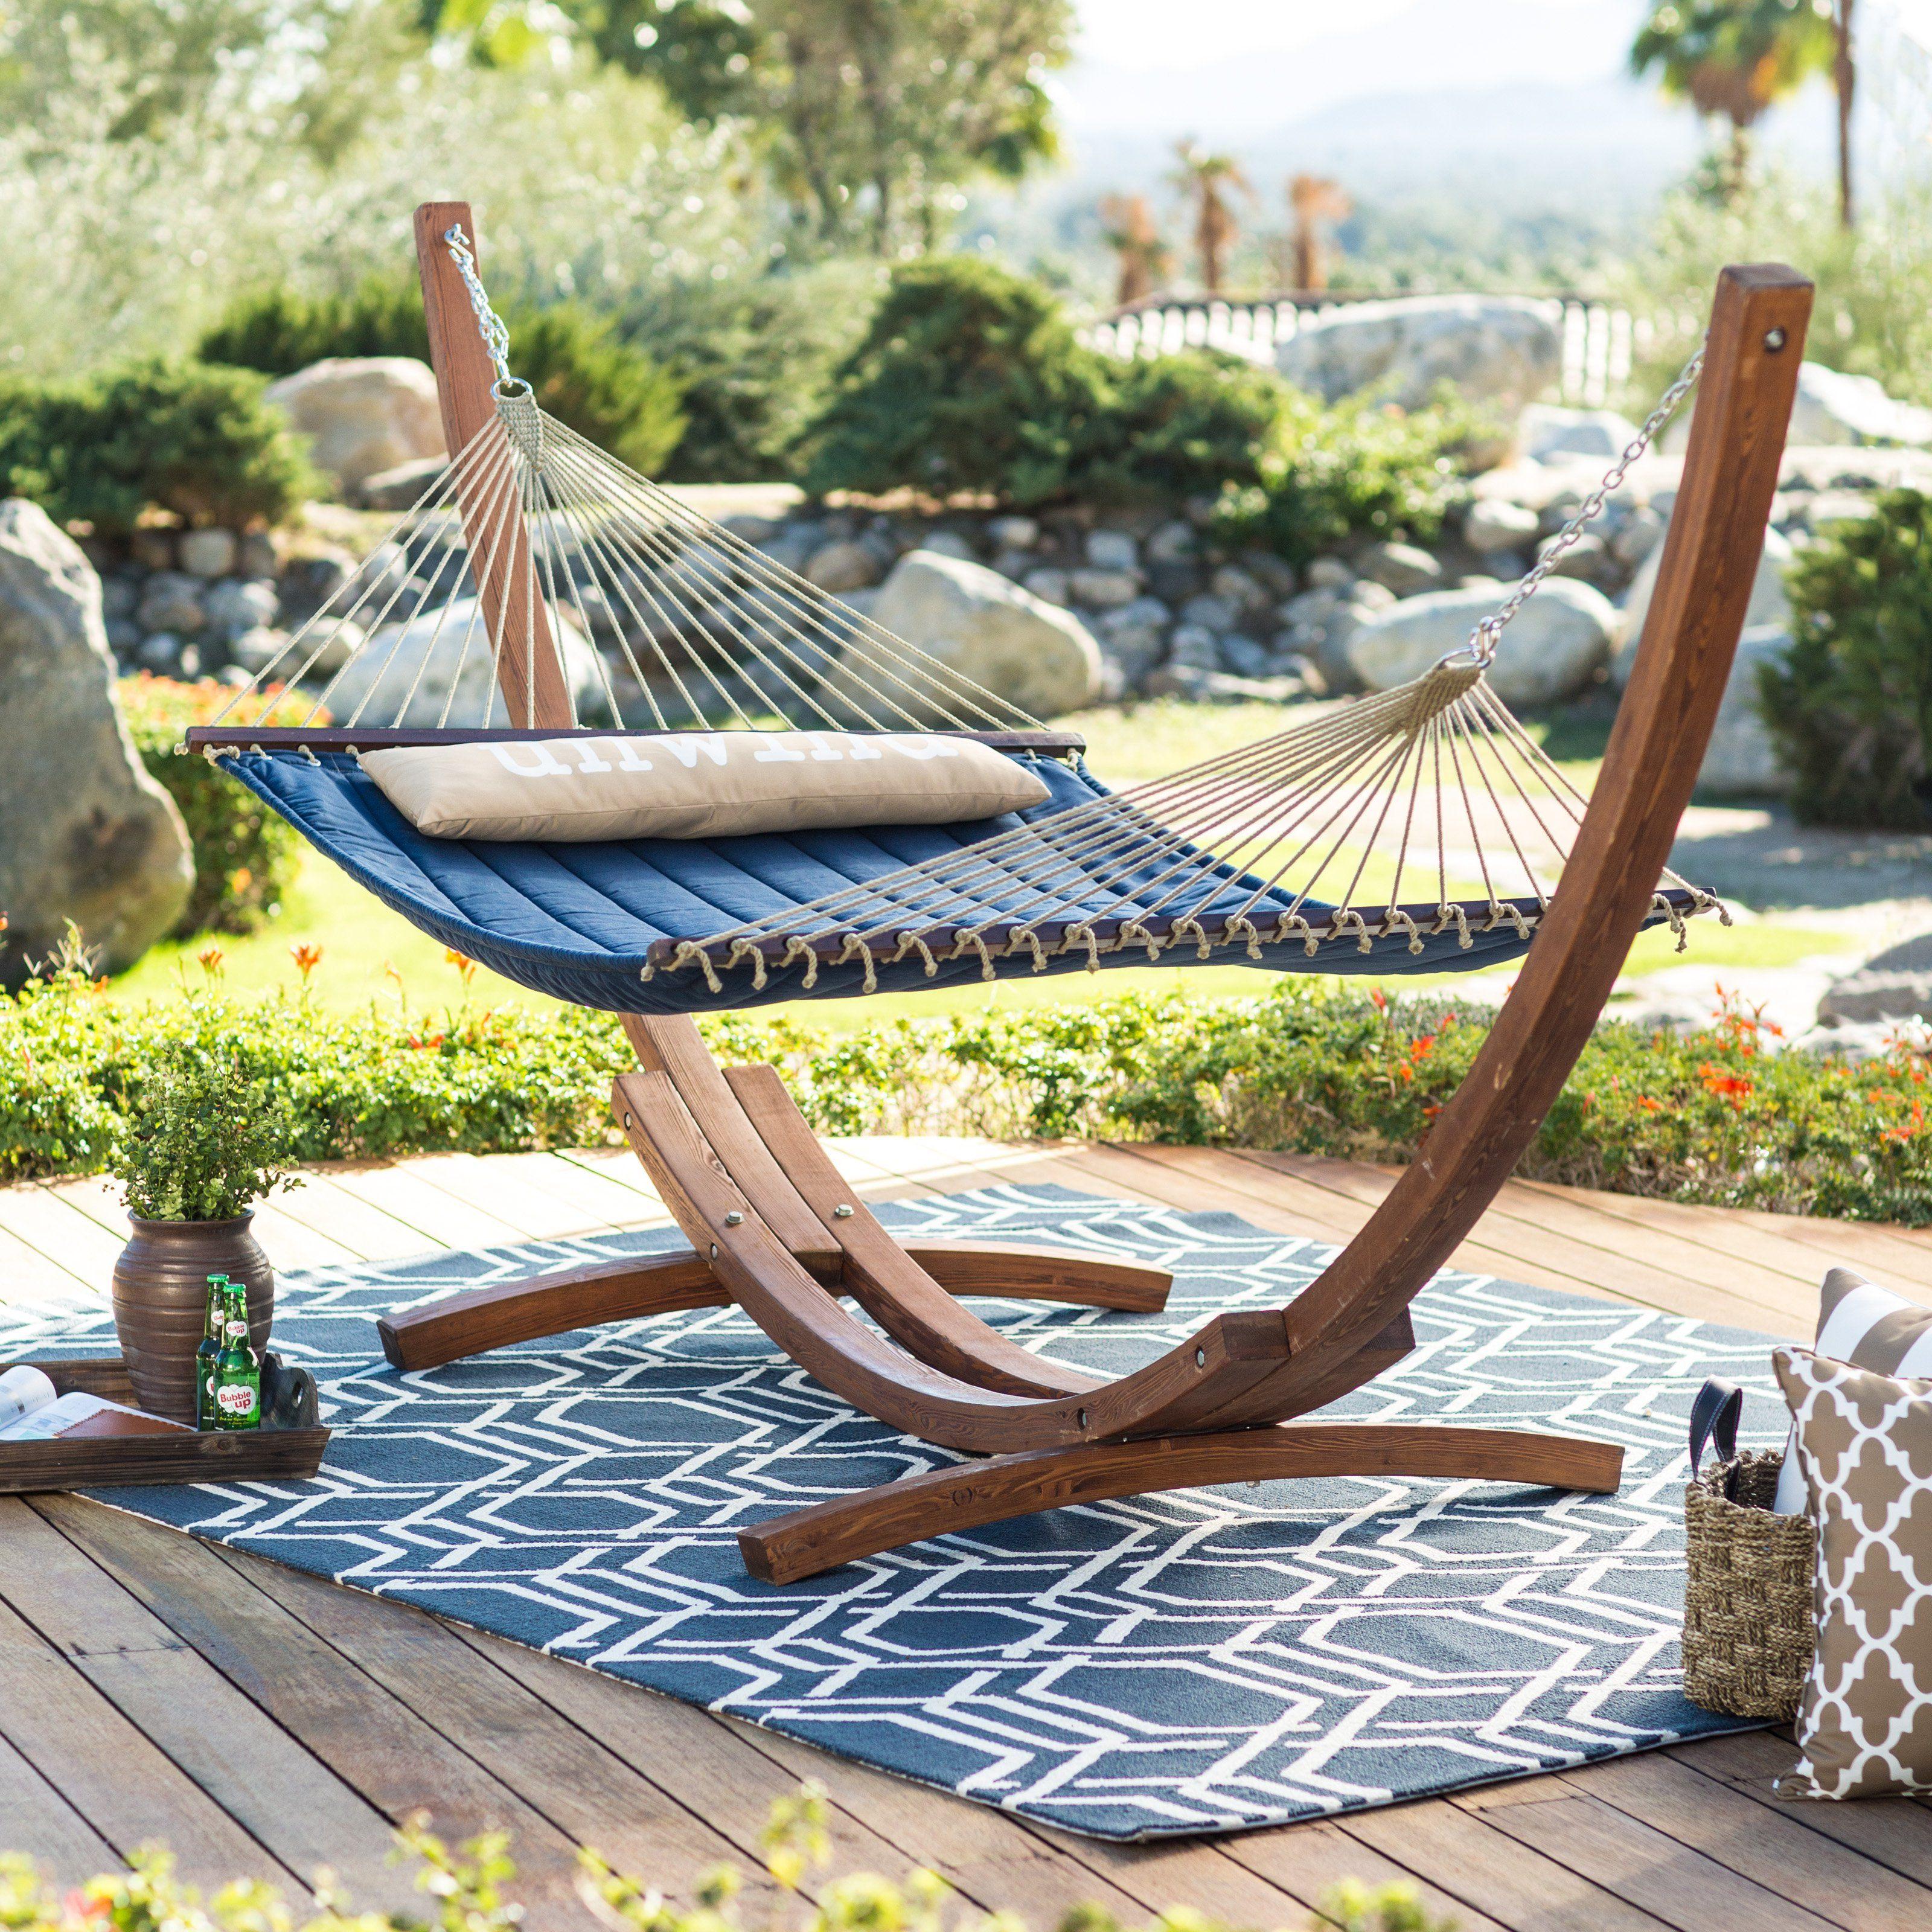 inuseALZ1095.jpg 3,200×3,200 pixels Outdoor hammock